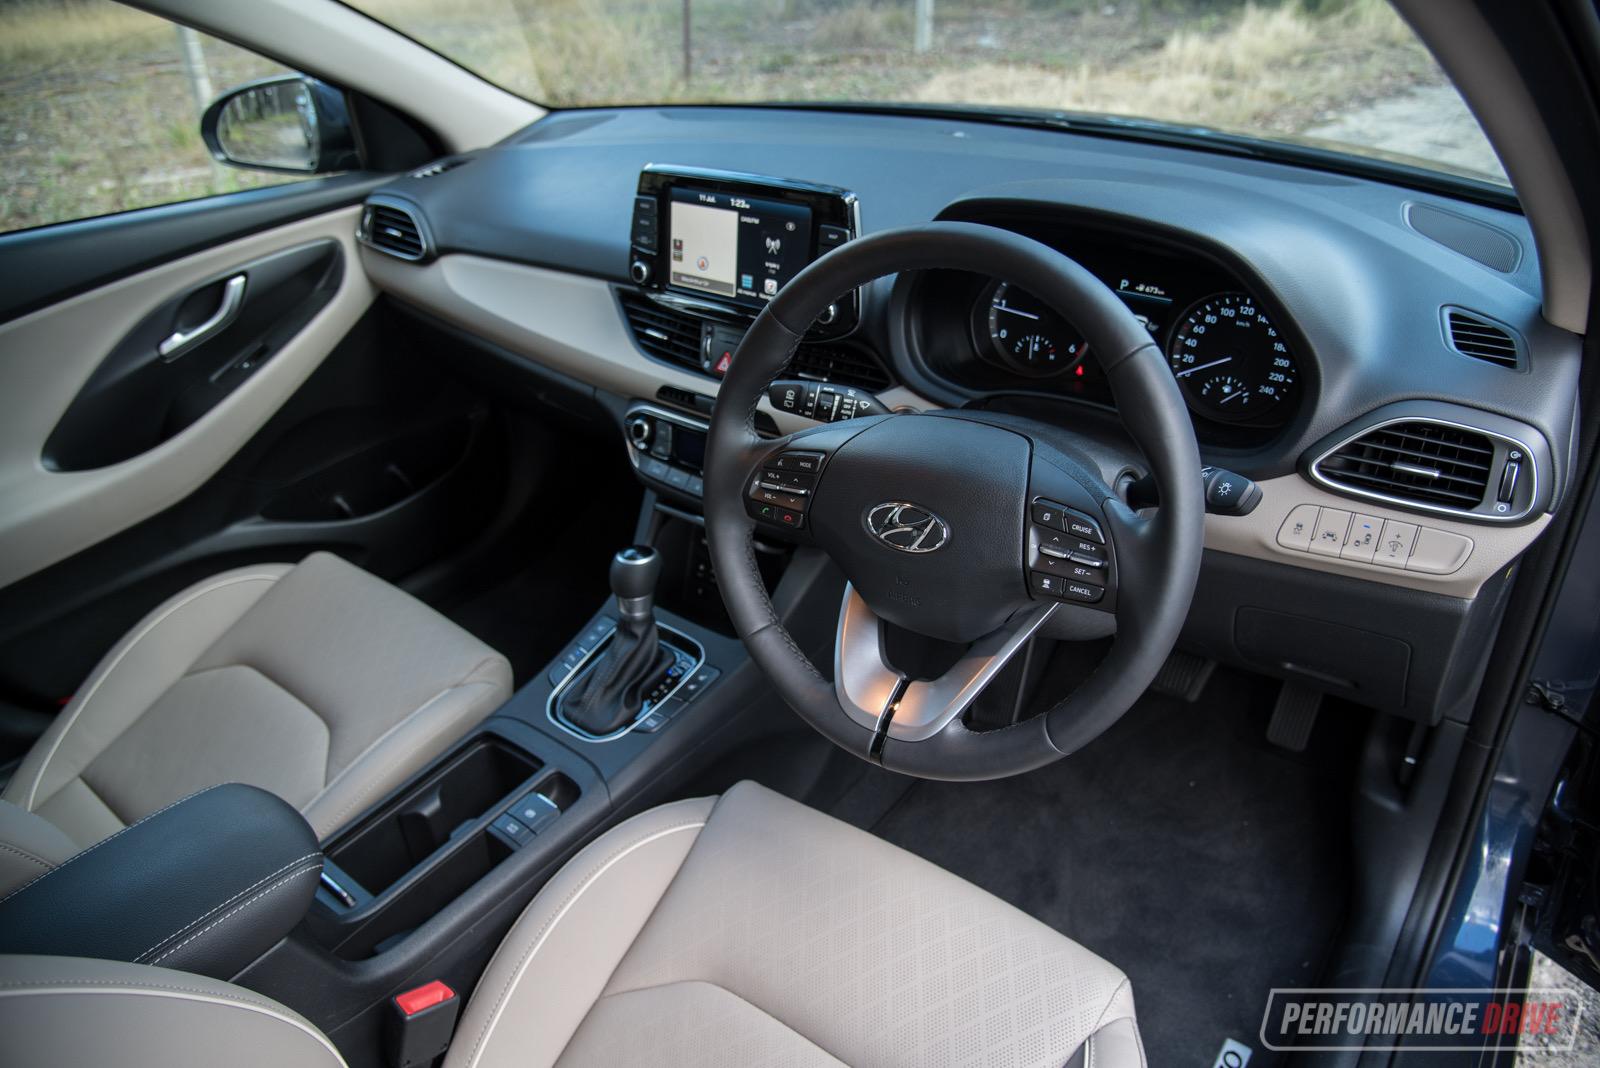 2018 Hyundai i30 Premium diesel review (video ...